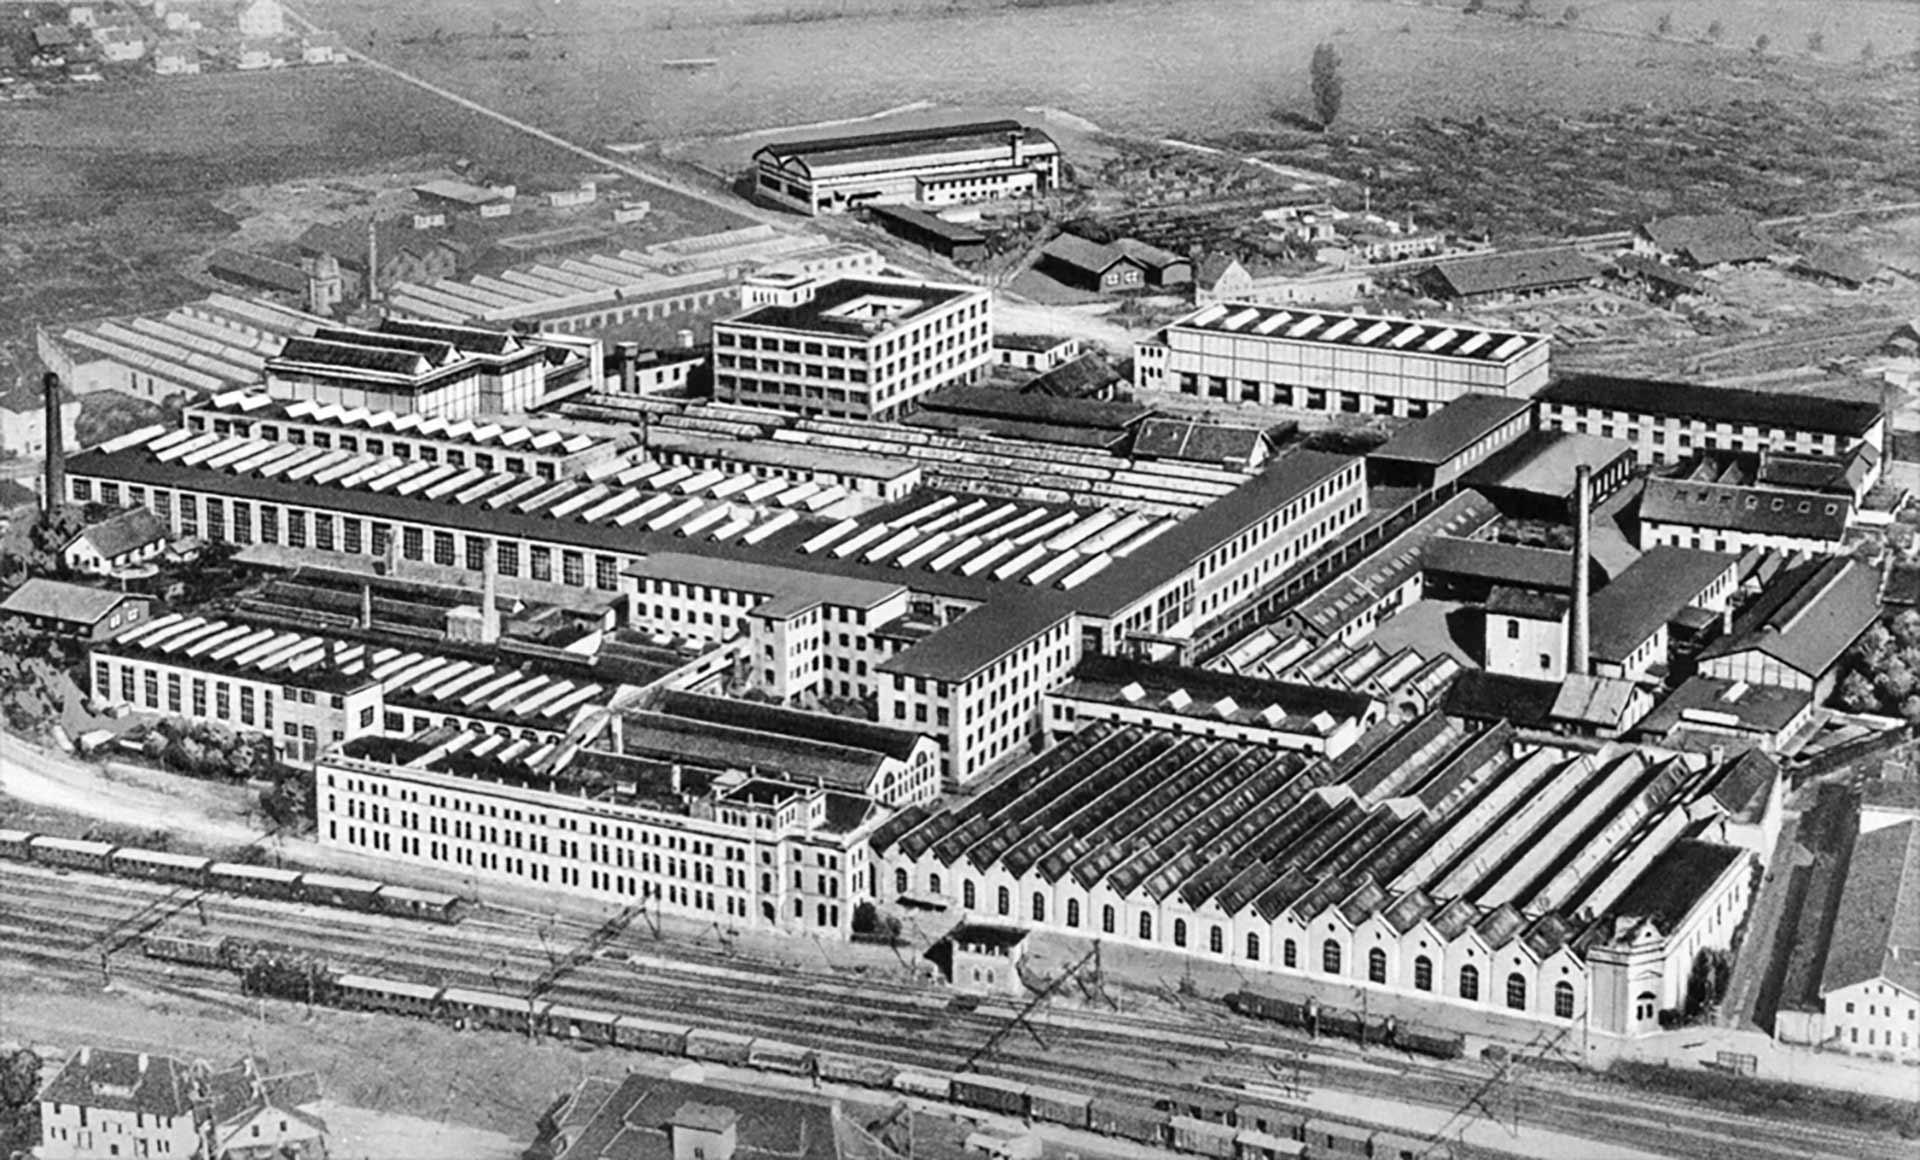 Die Maschinenfabrik Oerlikon im Jahre 1930 (Luftaufnahme)